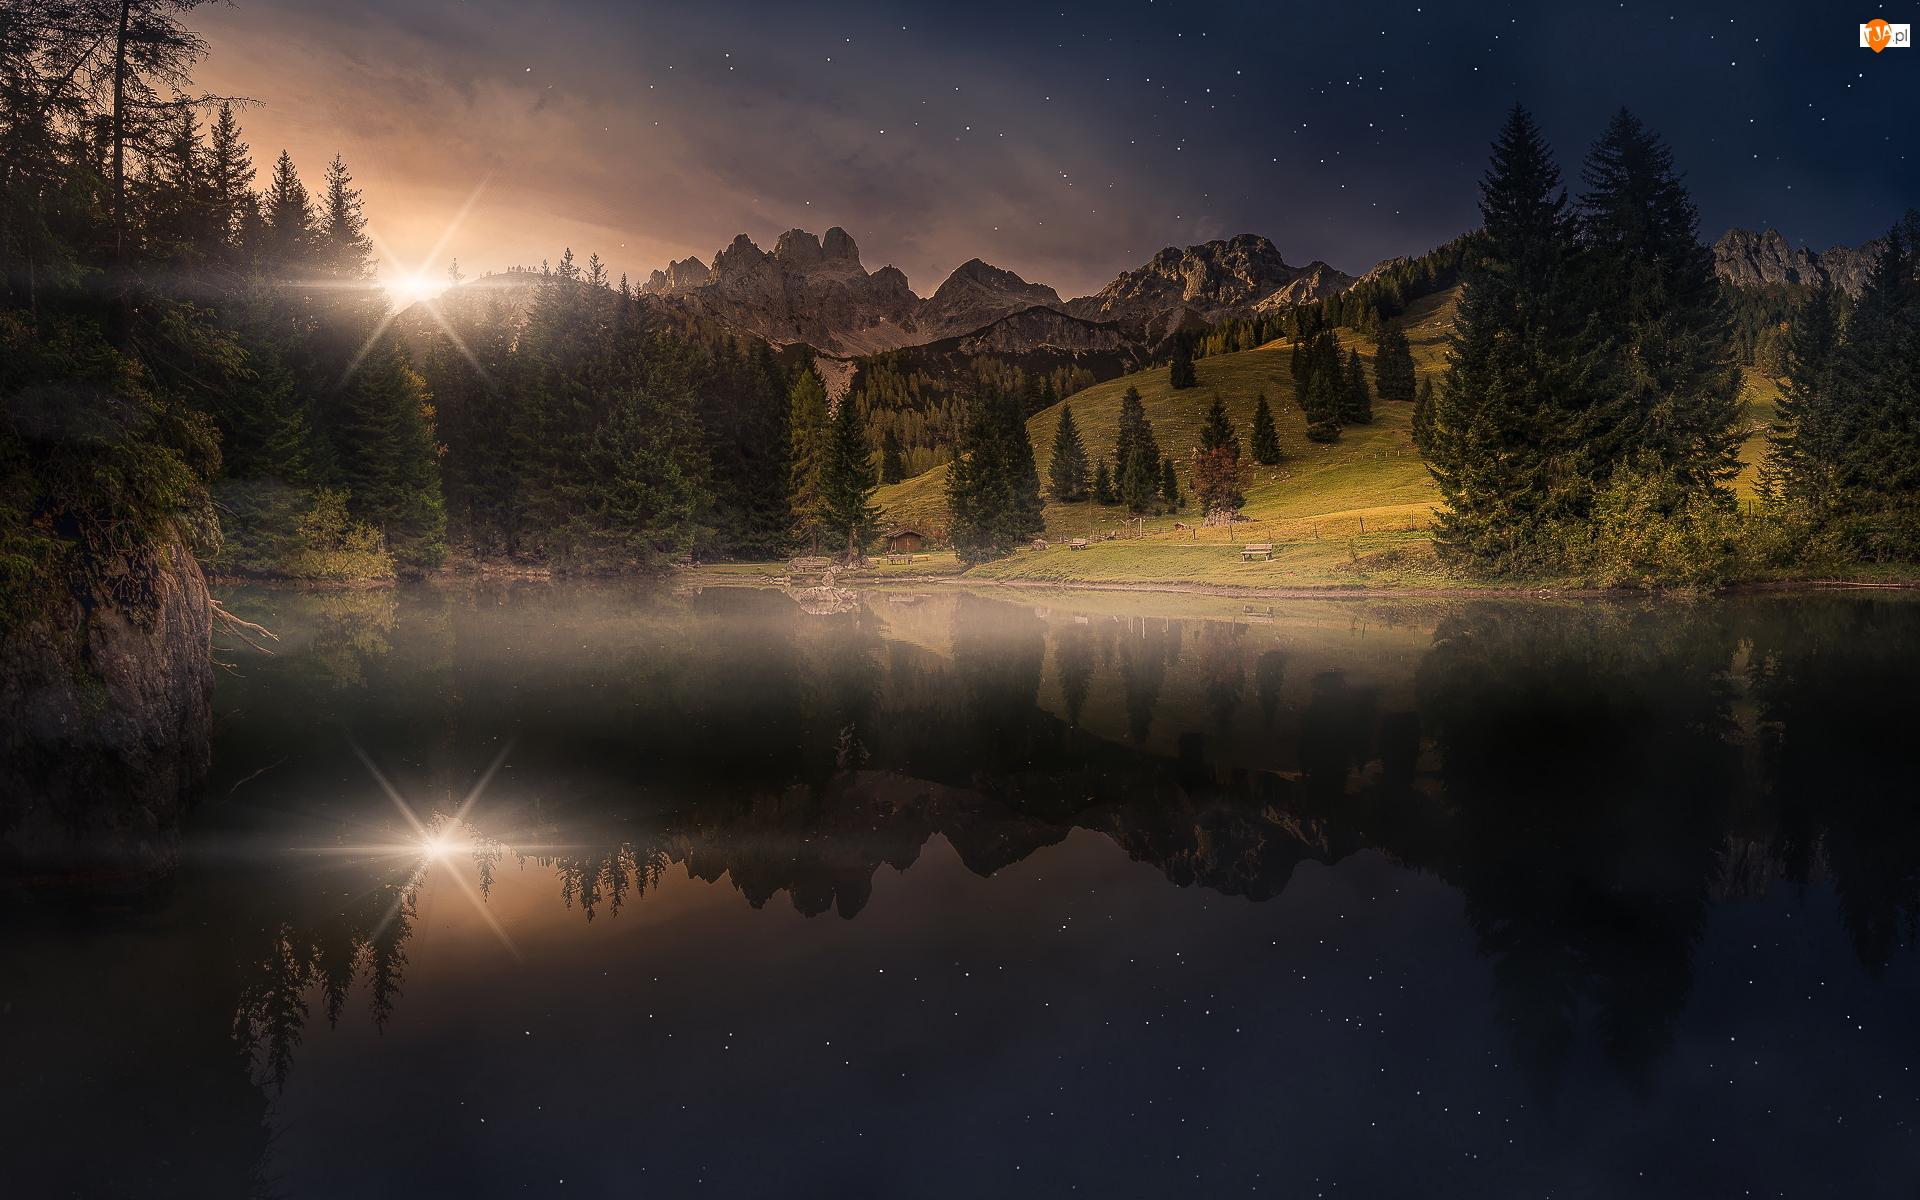 Austria, Jezioro Almsee, Odbicie, Gwiazdy, Północne Alpy Wapienne, Góry Gosaukamm, Zmierzch, Drzewa, Promienie słońca, Filzmoos